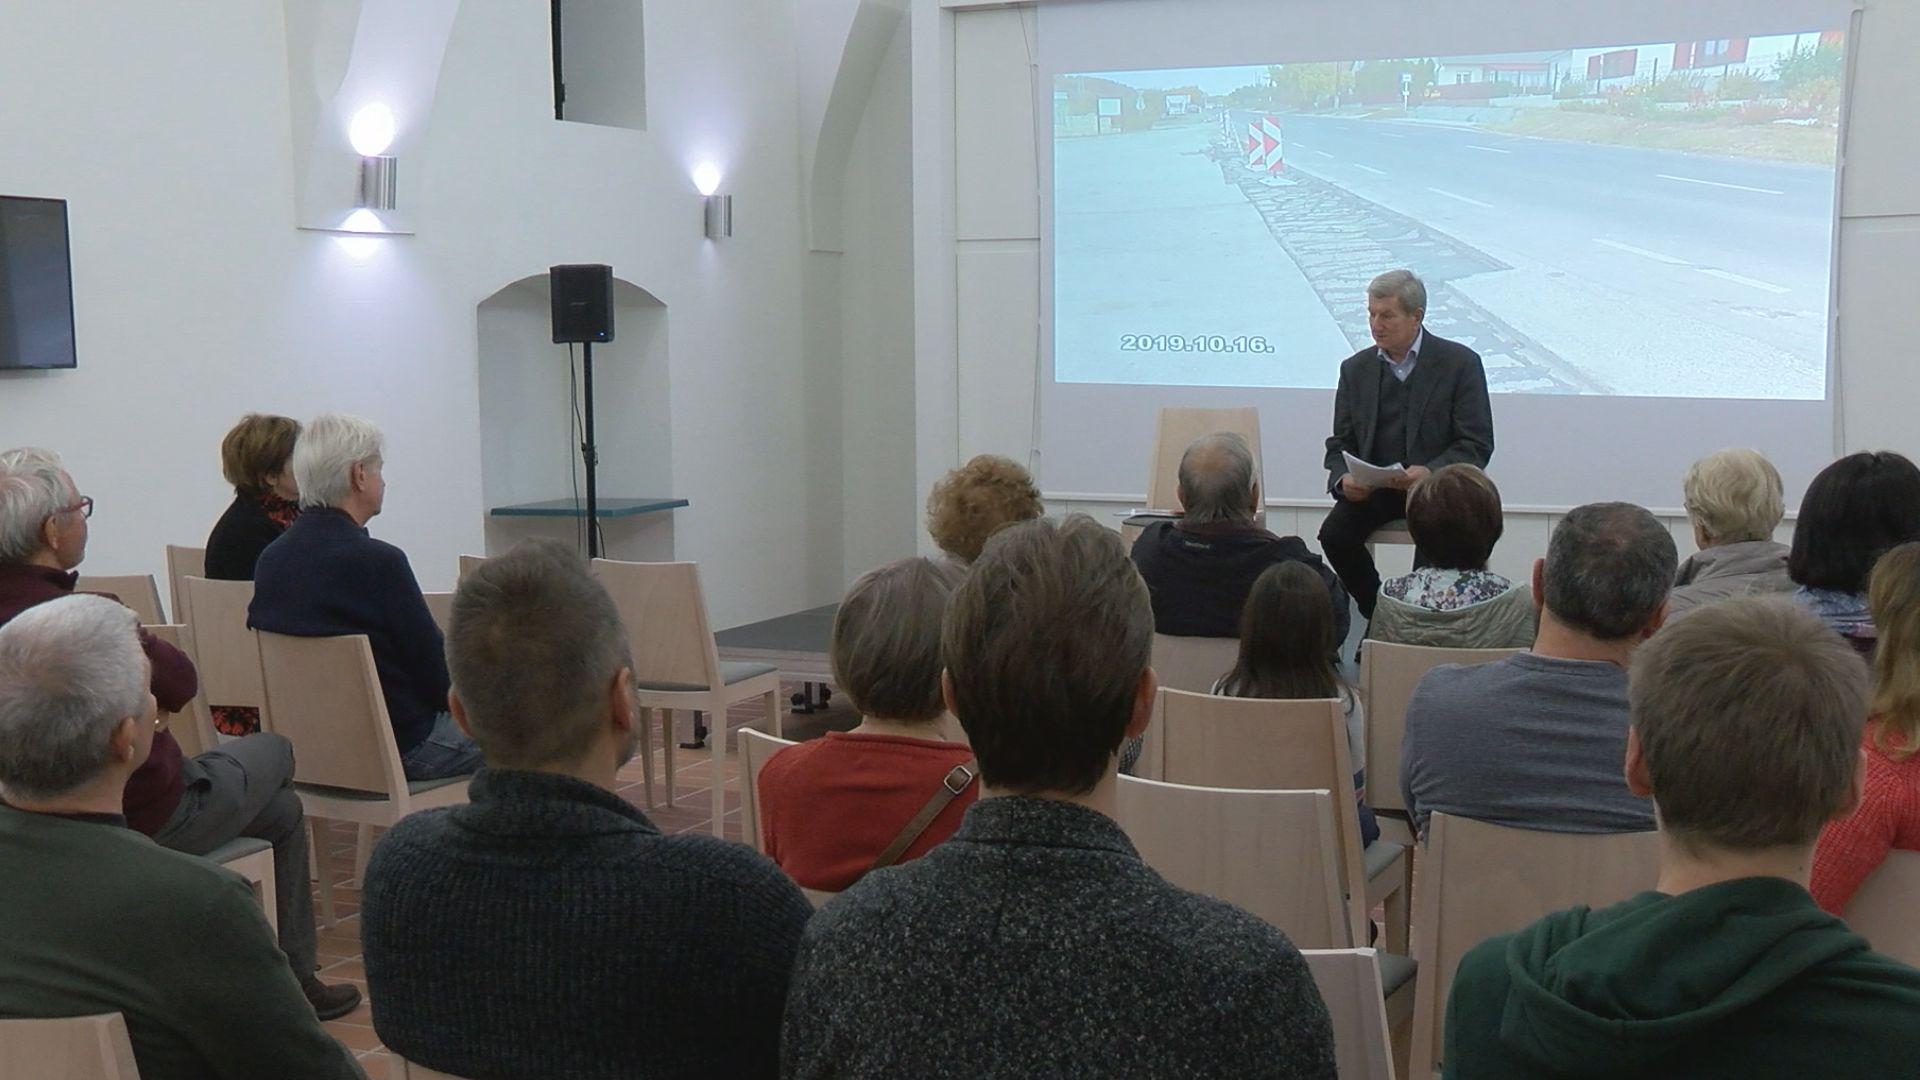 Gőcze Tibor előadása a vízről